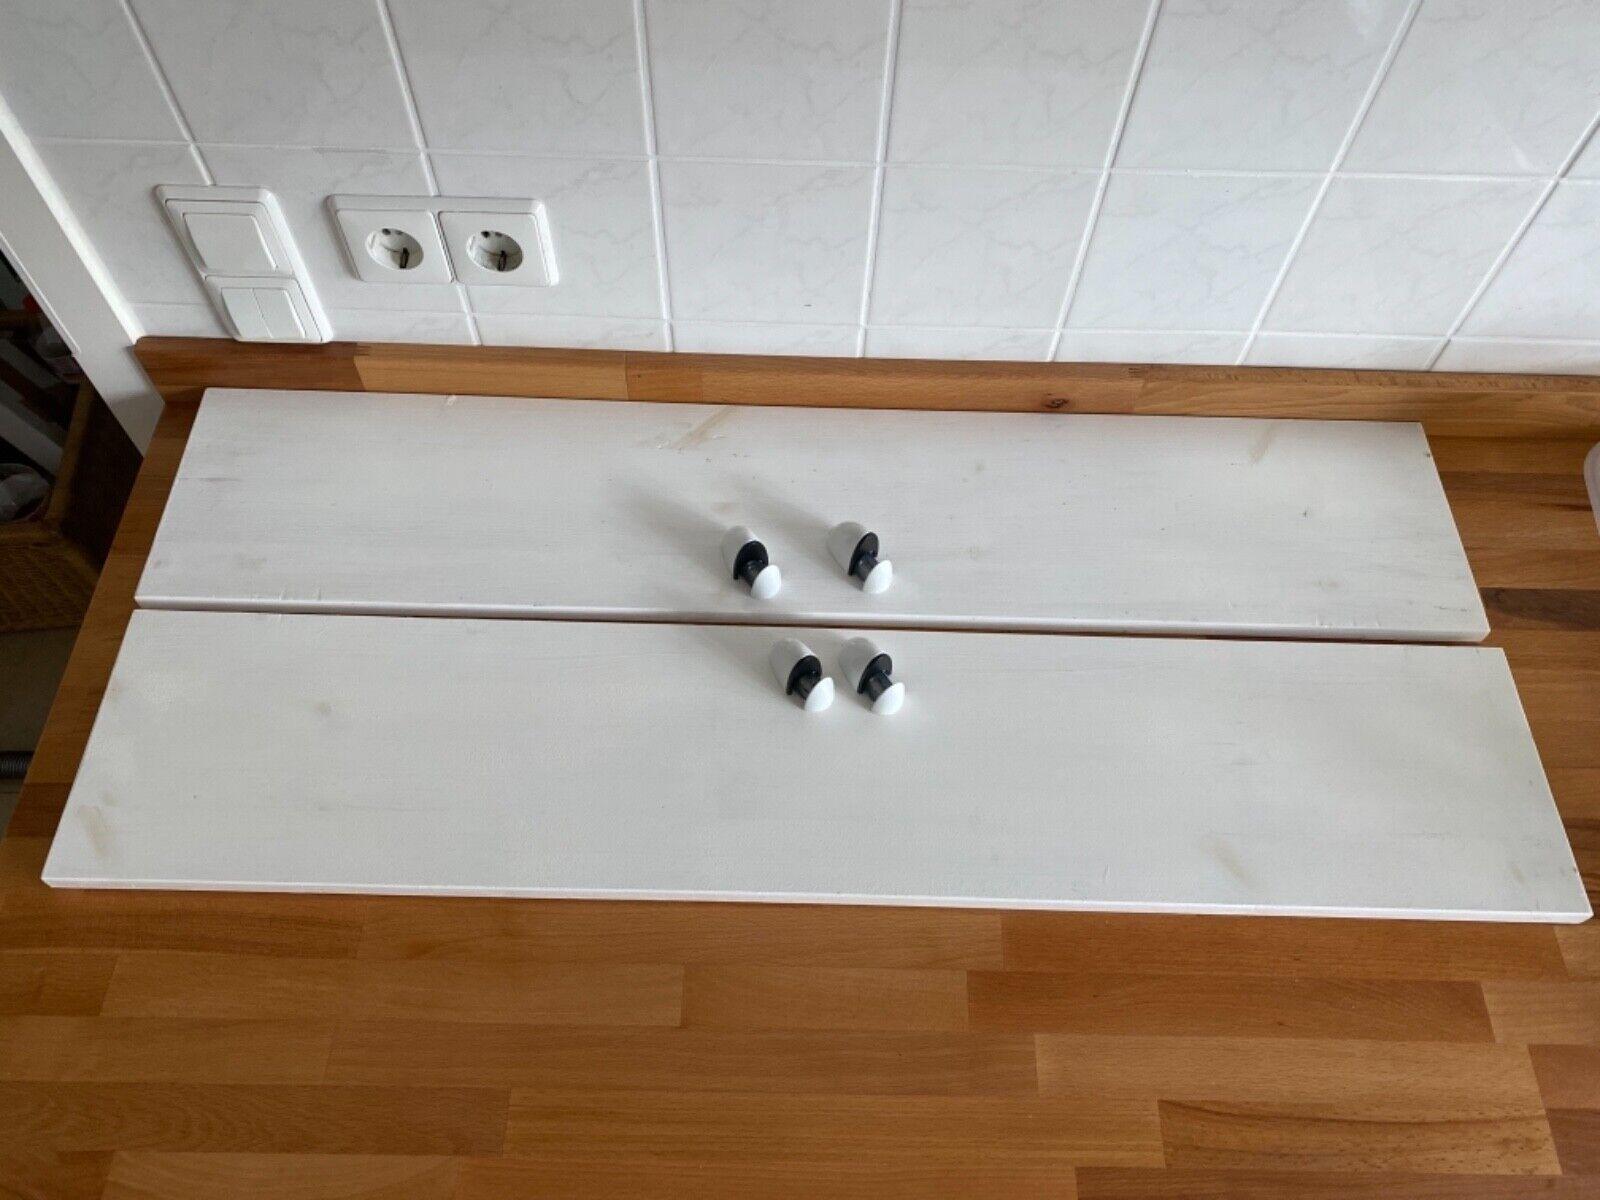 2x Ikea Regal Ablage, Regalbrett weiß 100x20 cm Echtholz Bad Küche, Wohnzimmer